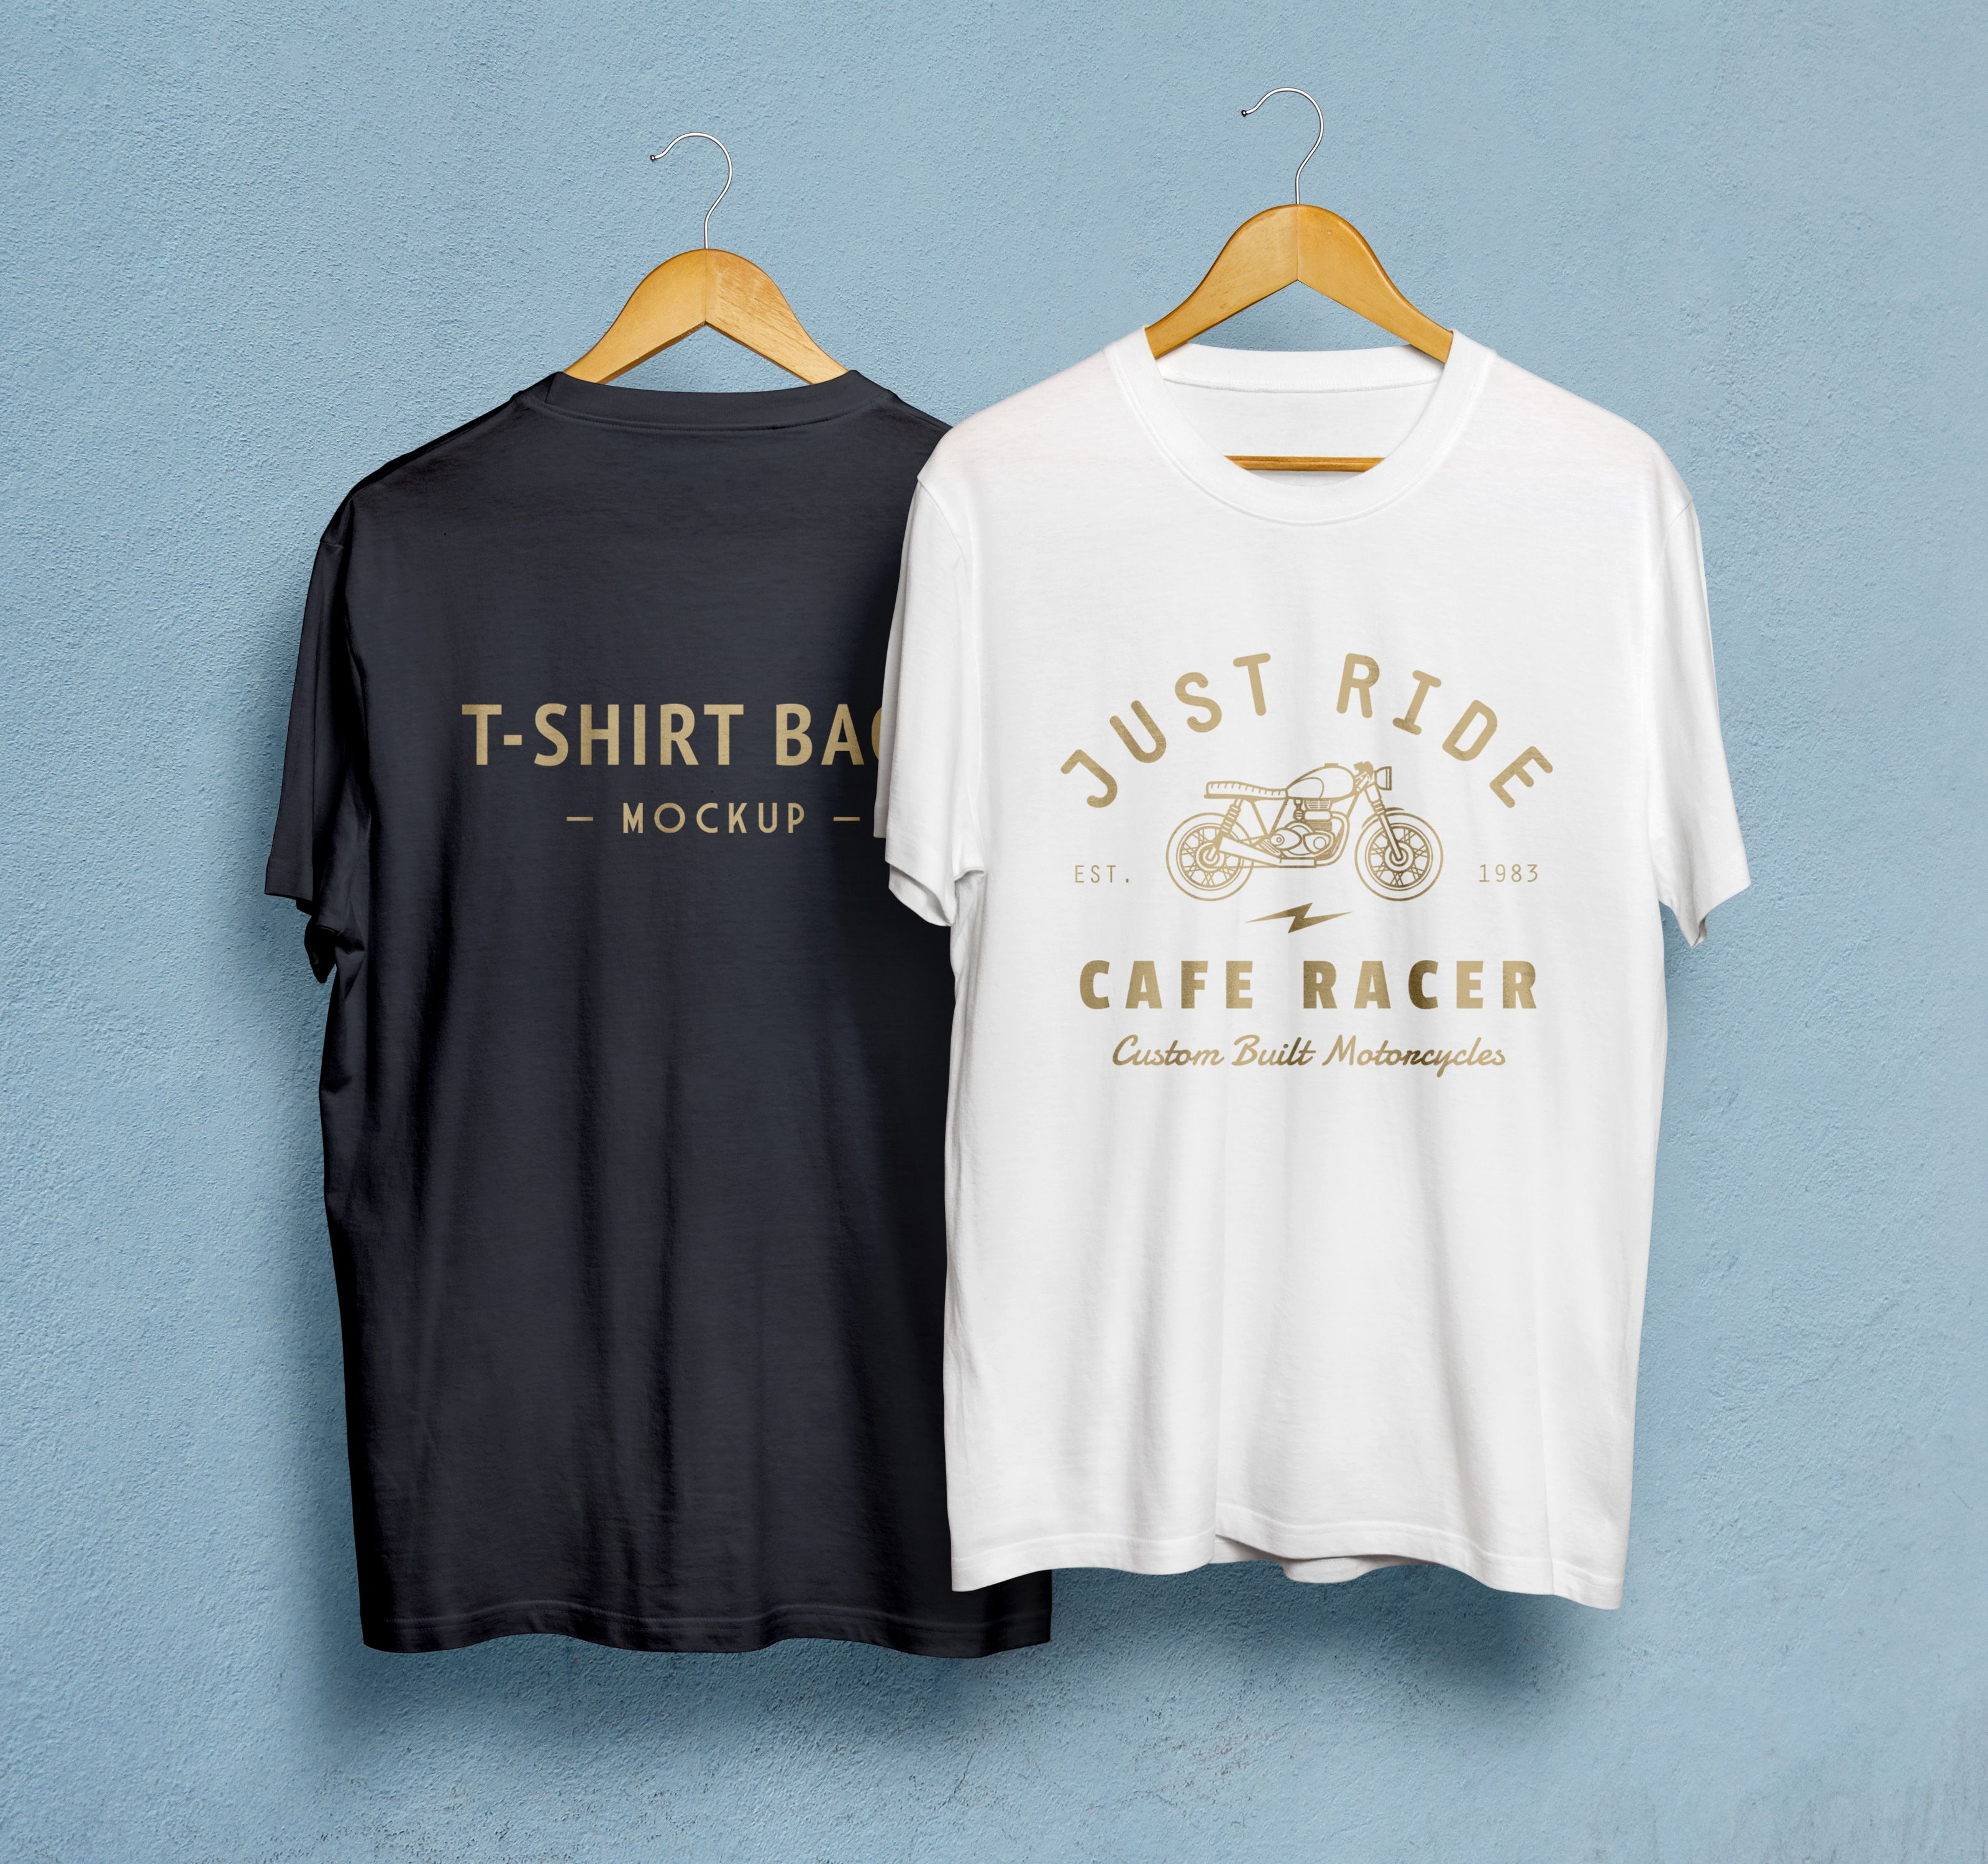 Download T Shirt Mockup Psd 2 Shirt Mockup Tshirt Mockup Free Tshirt Mockup